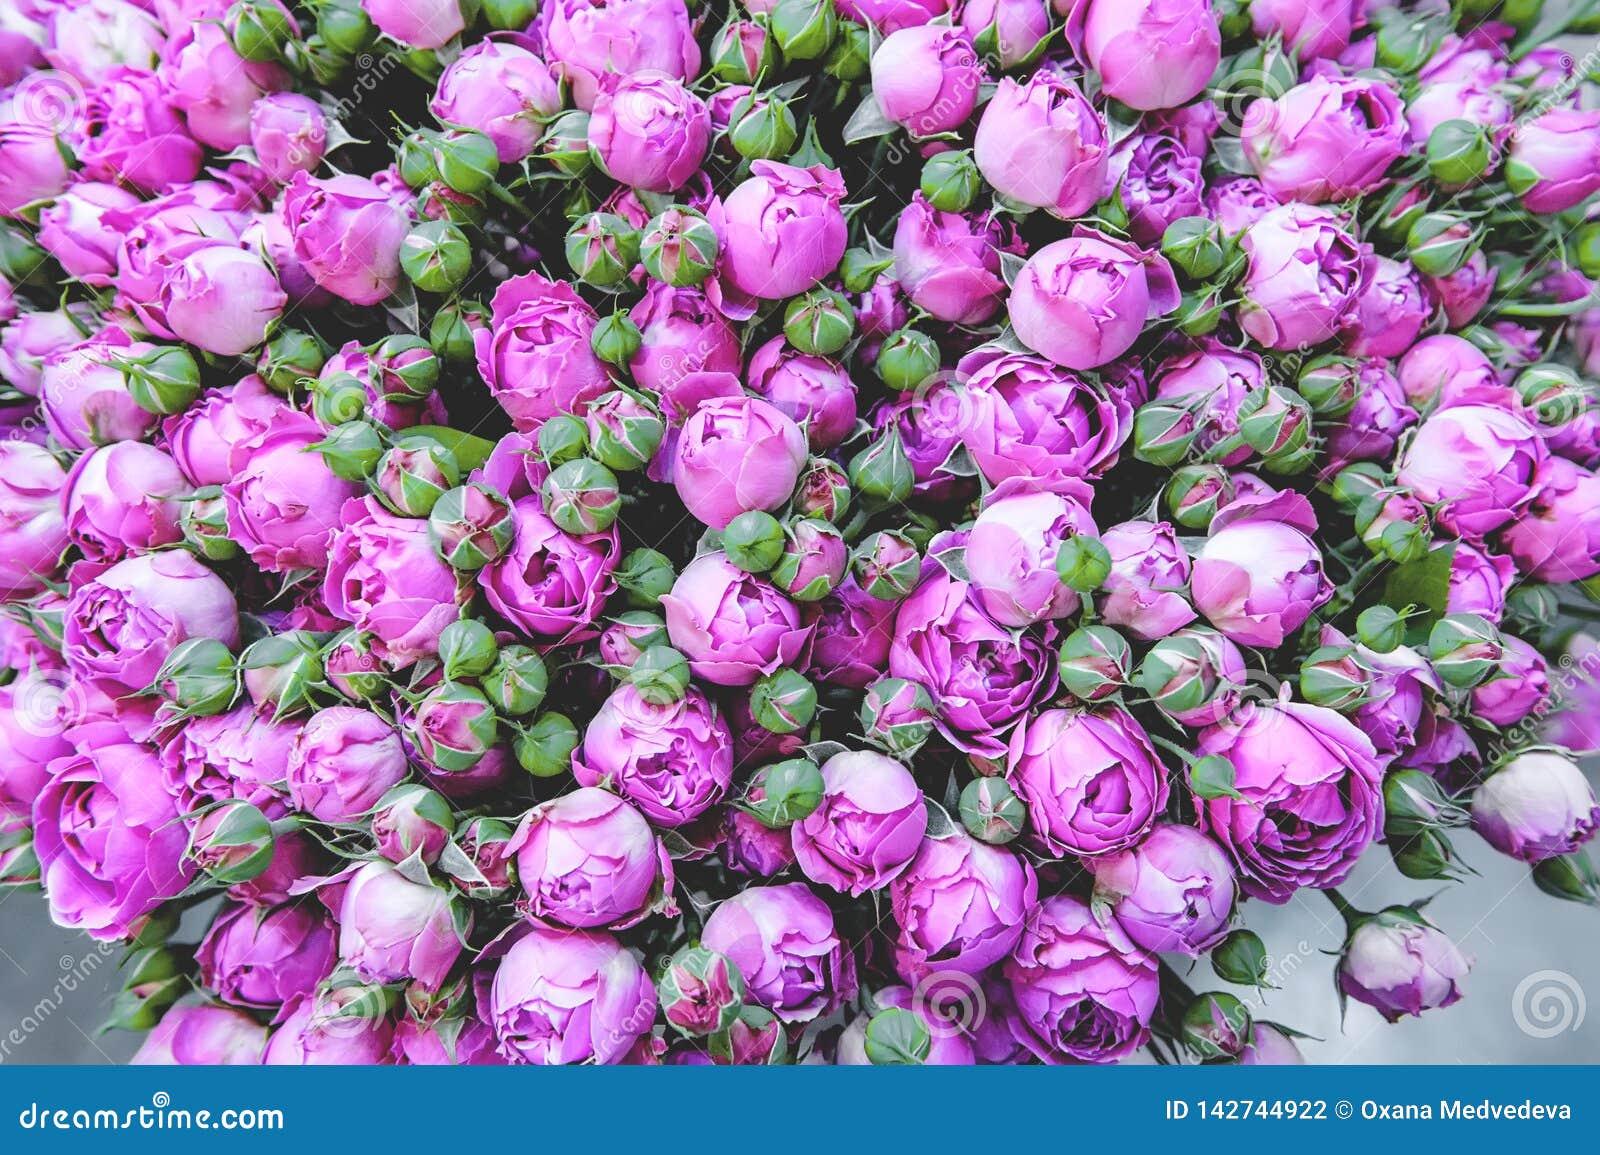 Exotische Rosen von der modernen Vielzahl der lila Auslese im Blumenstrau? als Geschenk Hintergrund Selektiver Fokus